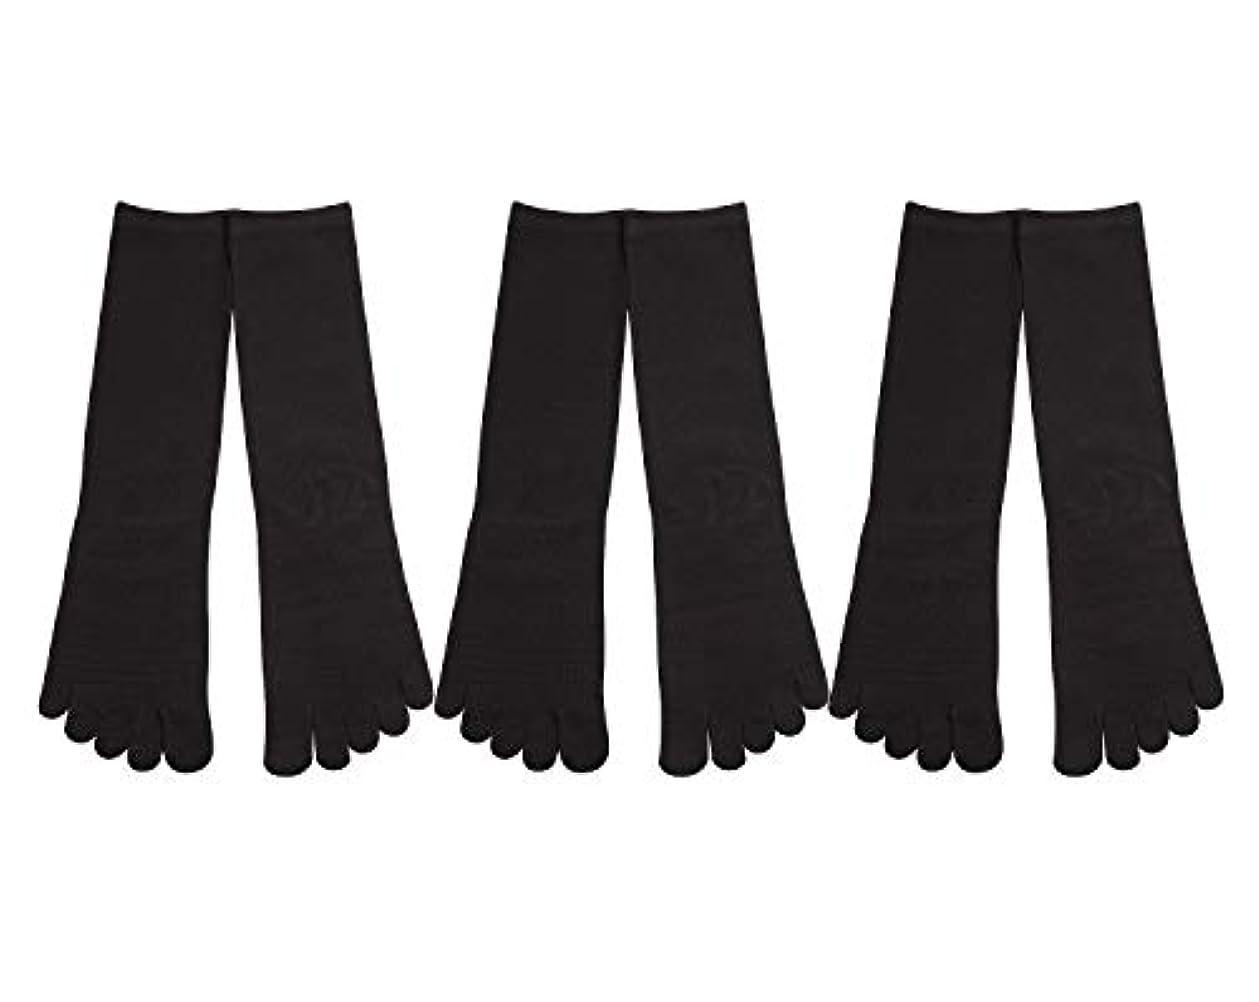 恐ろしい論理的盗難Deol(デオル) 5本指 靴下 男性用 黒 3足セット 25cm-27cm メンズ [足のニオイ対策] 長時間消臭 日本製 靴下